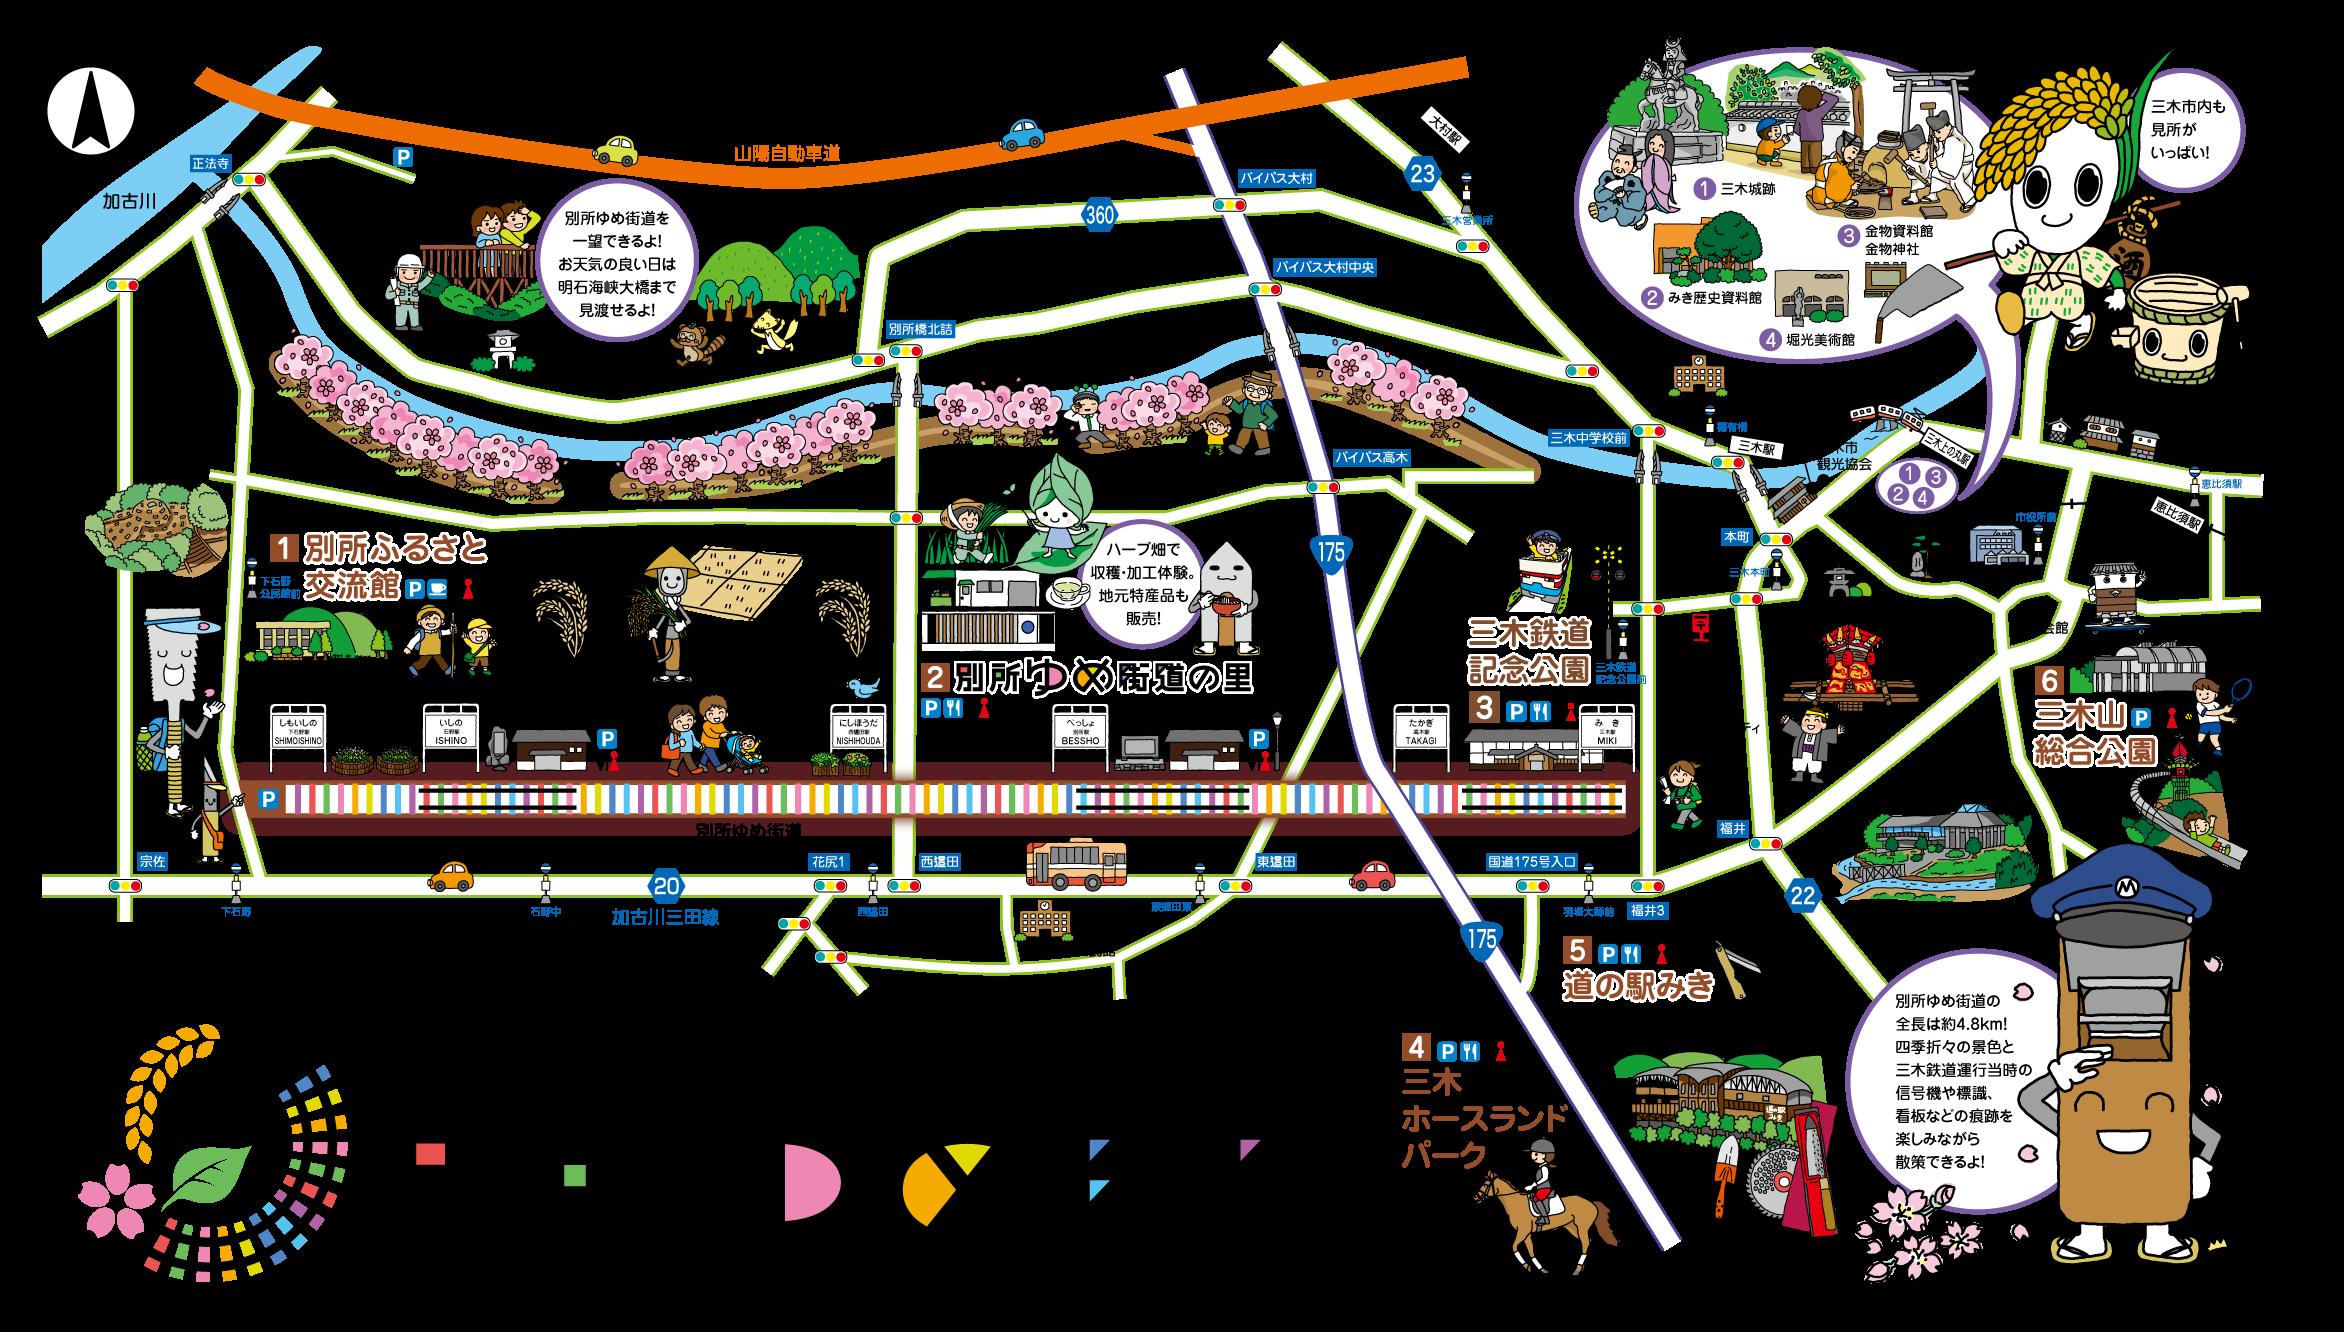 別所ゆめ街道地図